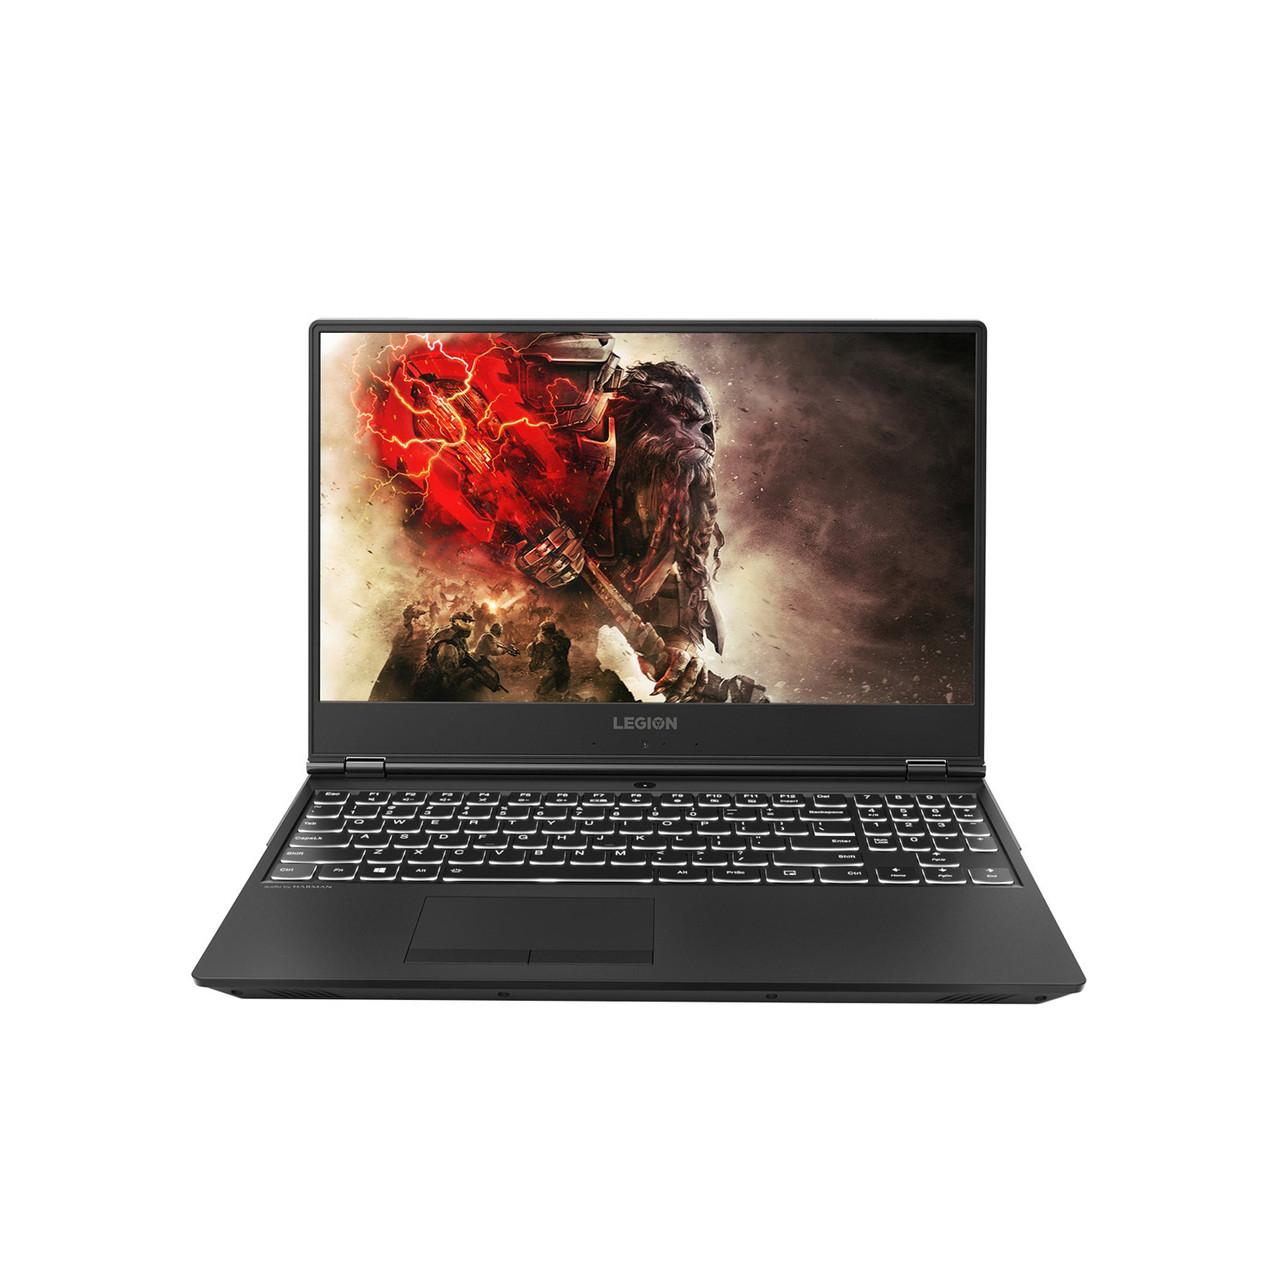 Ноутбук Lenovo Legion Y530-15ICH (Intel Core i7, 6 ядер 16 Гб HDD 1000 Гб DOS) 81FV00N4RK